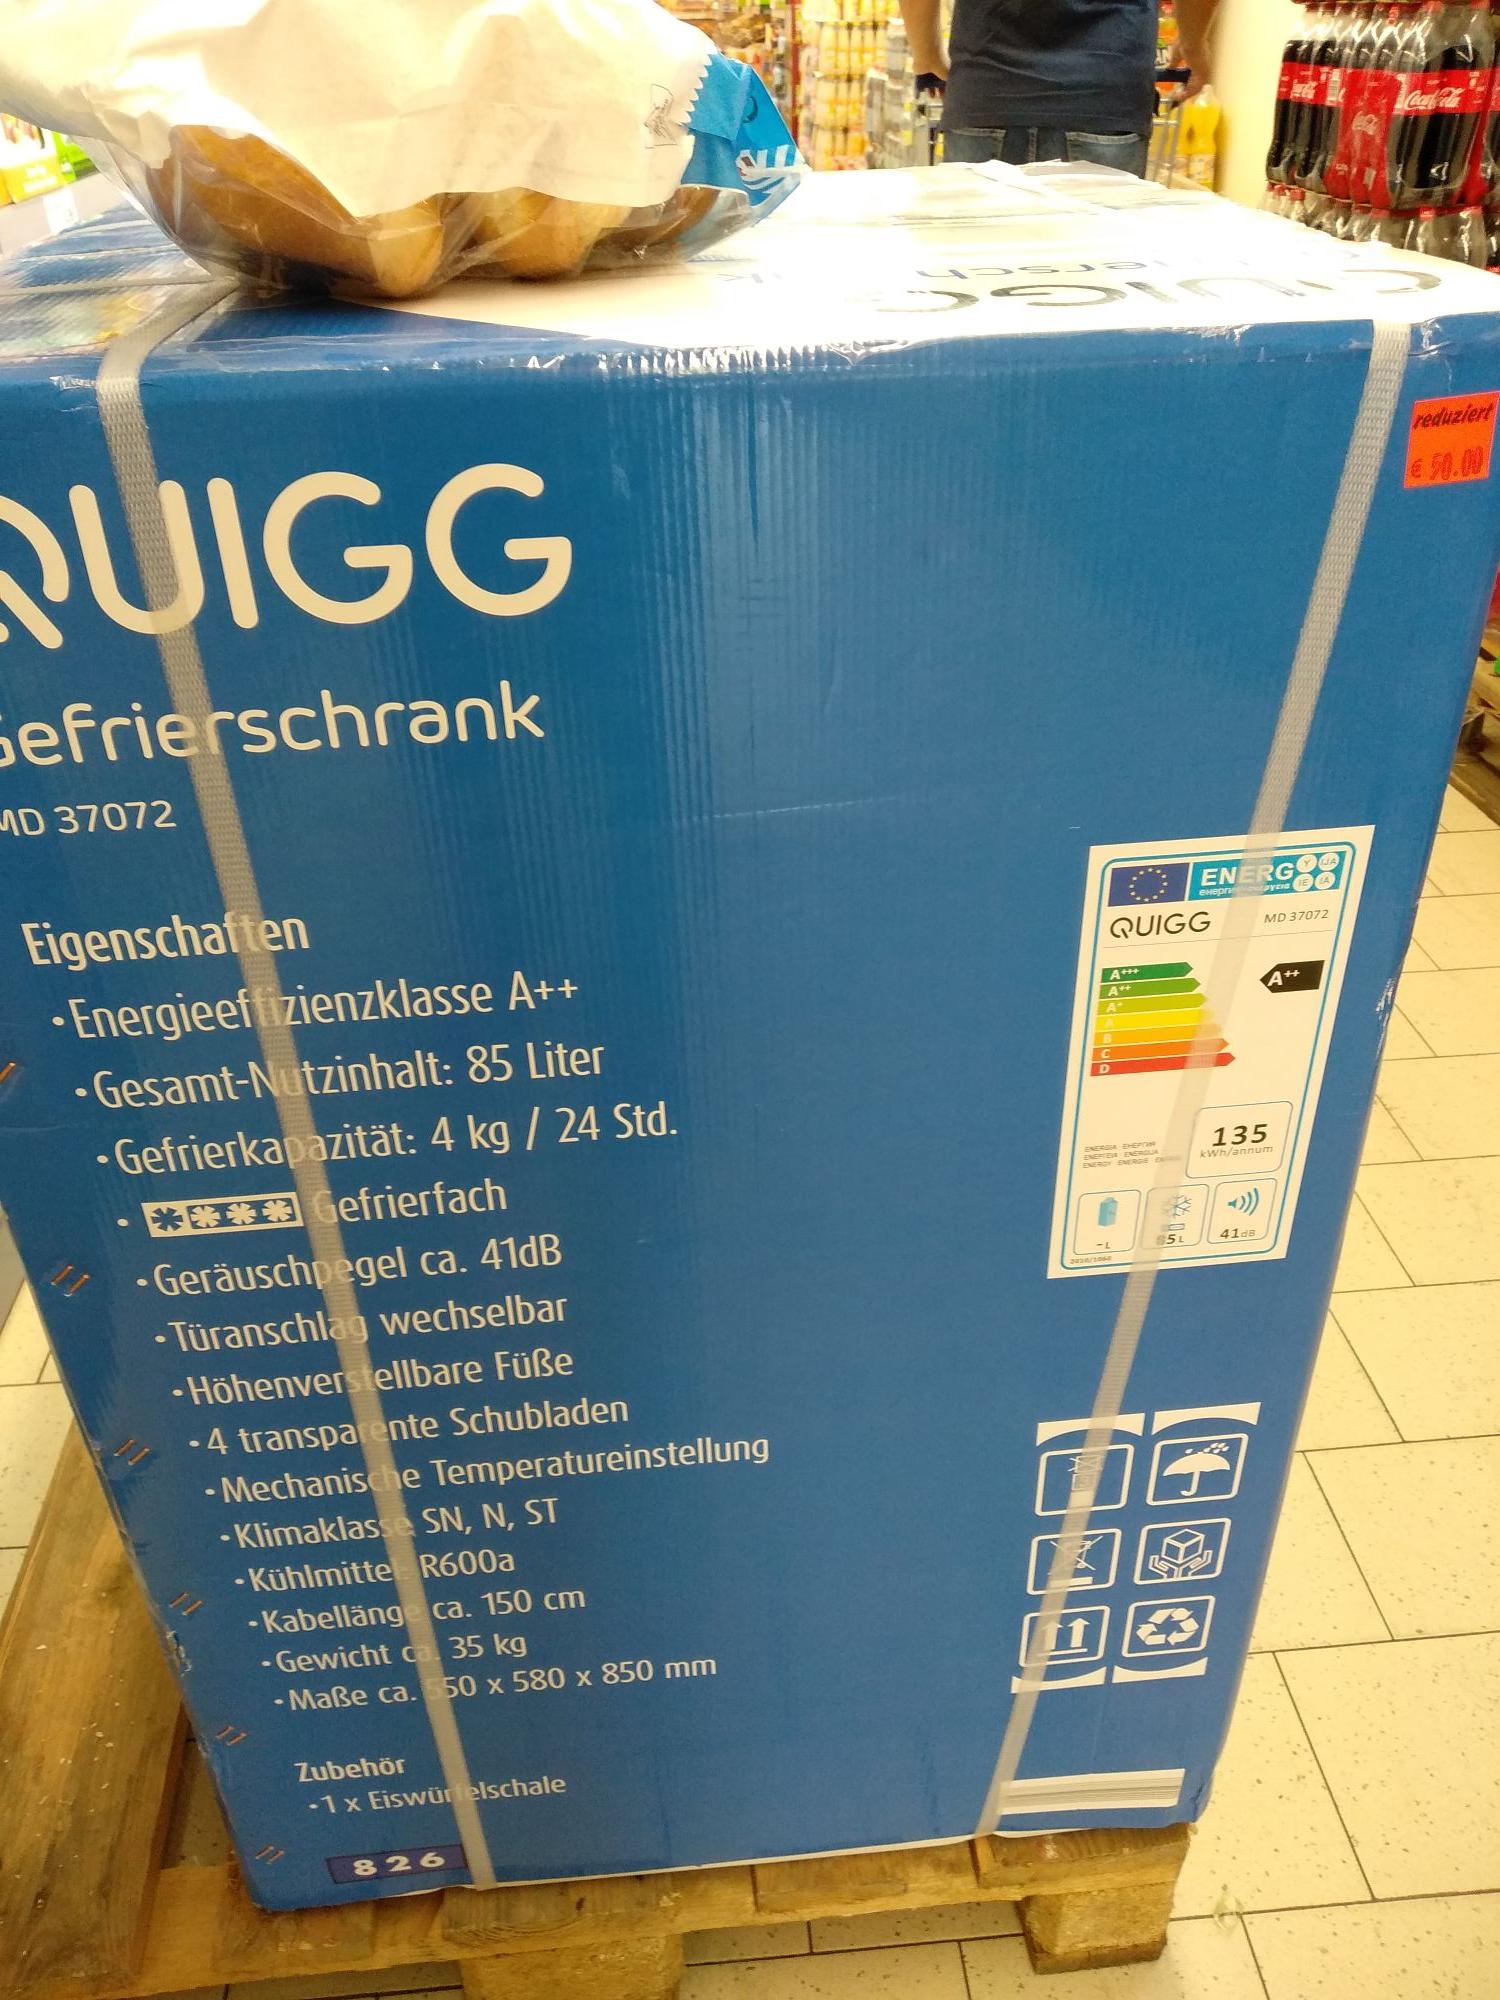 (Lokal Aldi Hannover) Gefrierschrank Quigg MD37072